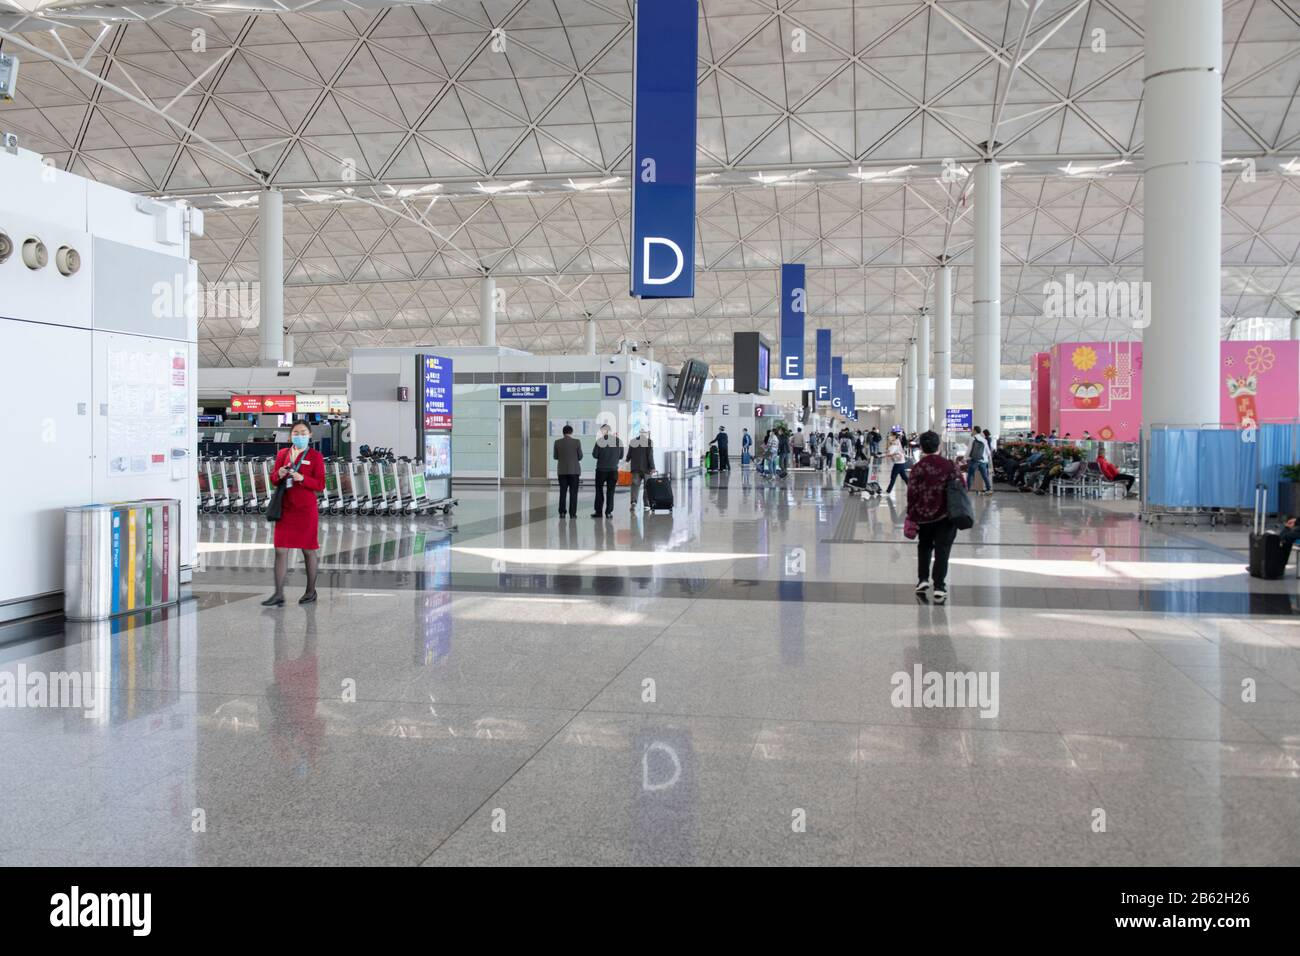 Hong Kong, Chine : 06 Mars 2020. L'aéroport international de Hong Kong est vide car Cover-19 prend son péage sur l'industrie du voyage Jayne Russell/Alay stock image Banque D'Images